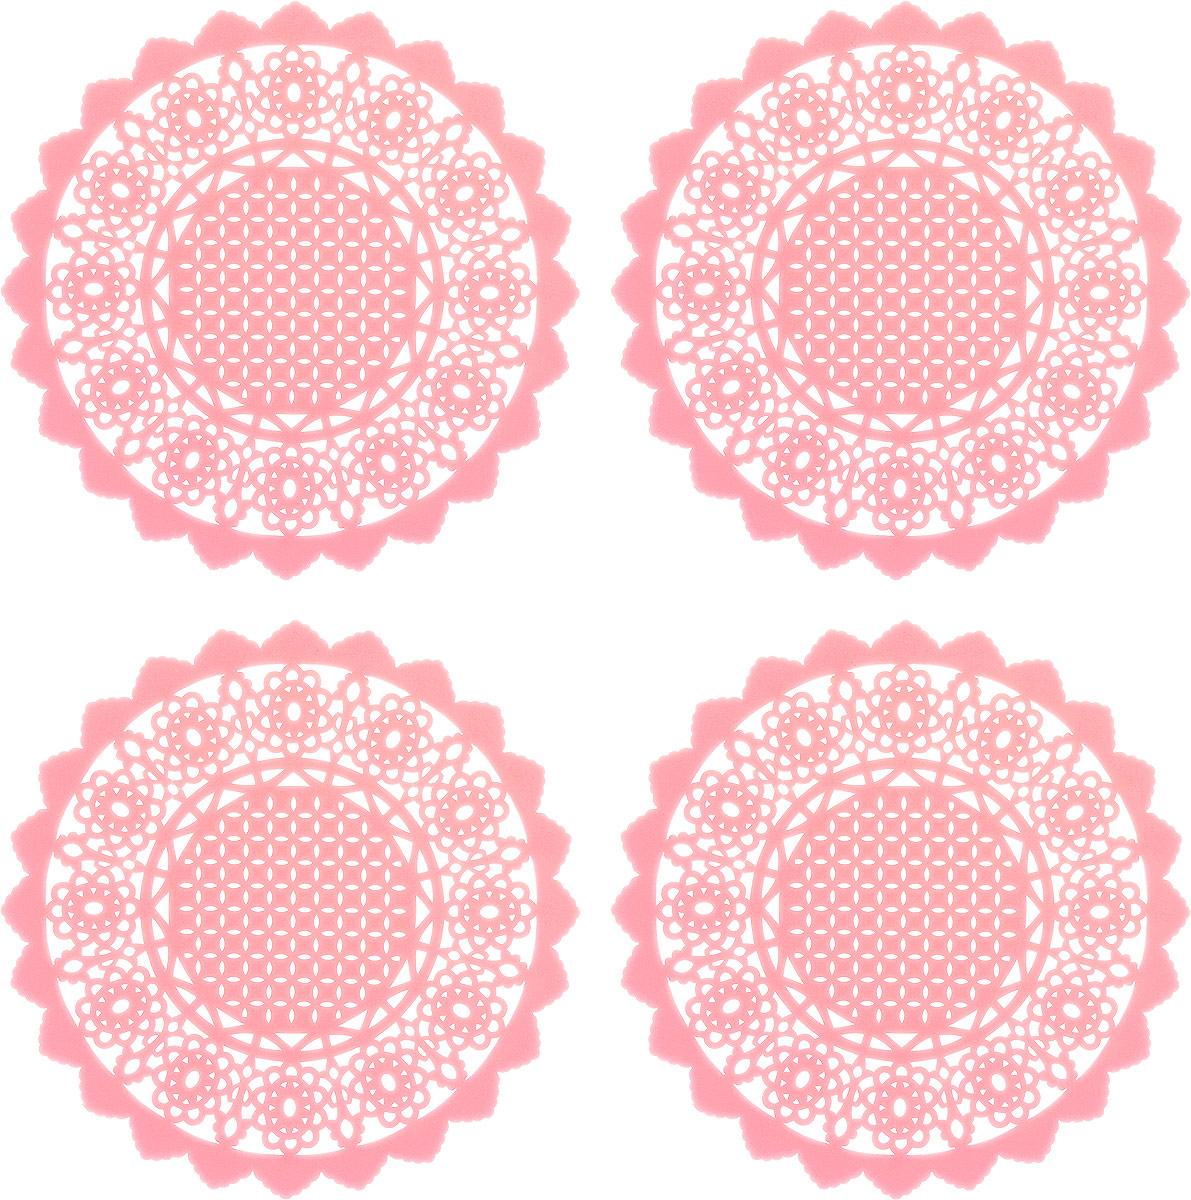 Набор подставок под горячее ДолянаАжур, цвет: светло-розовый, 10 см, 4 шт939019_светло-розовыйСиликоновая подставка под горячее - практичный предмет, который обязательно пригодится в хозяйстве. Изделие поможет сберечь столы, тумбы, скатерти и клеёнки от повреждения нагретыми сковородами, кастрюлями, чайниками и тарелками.